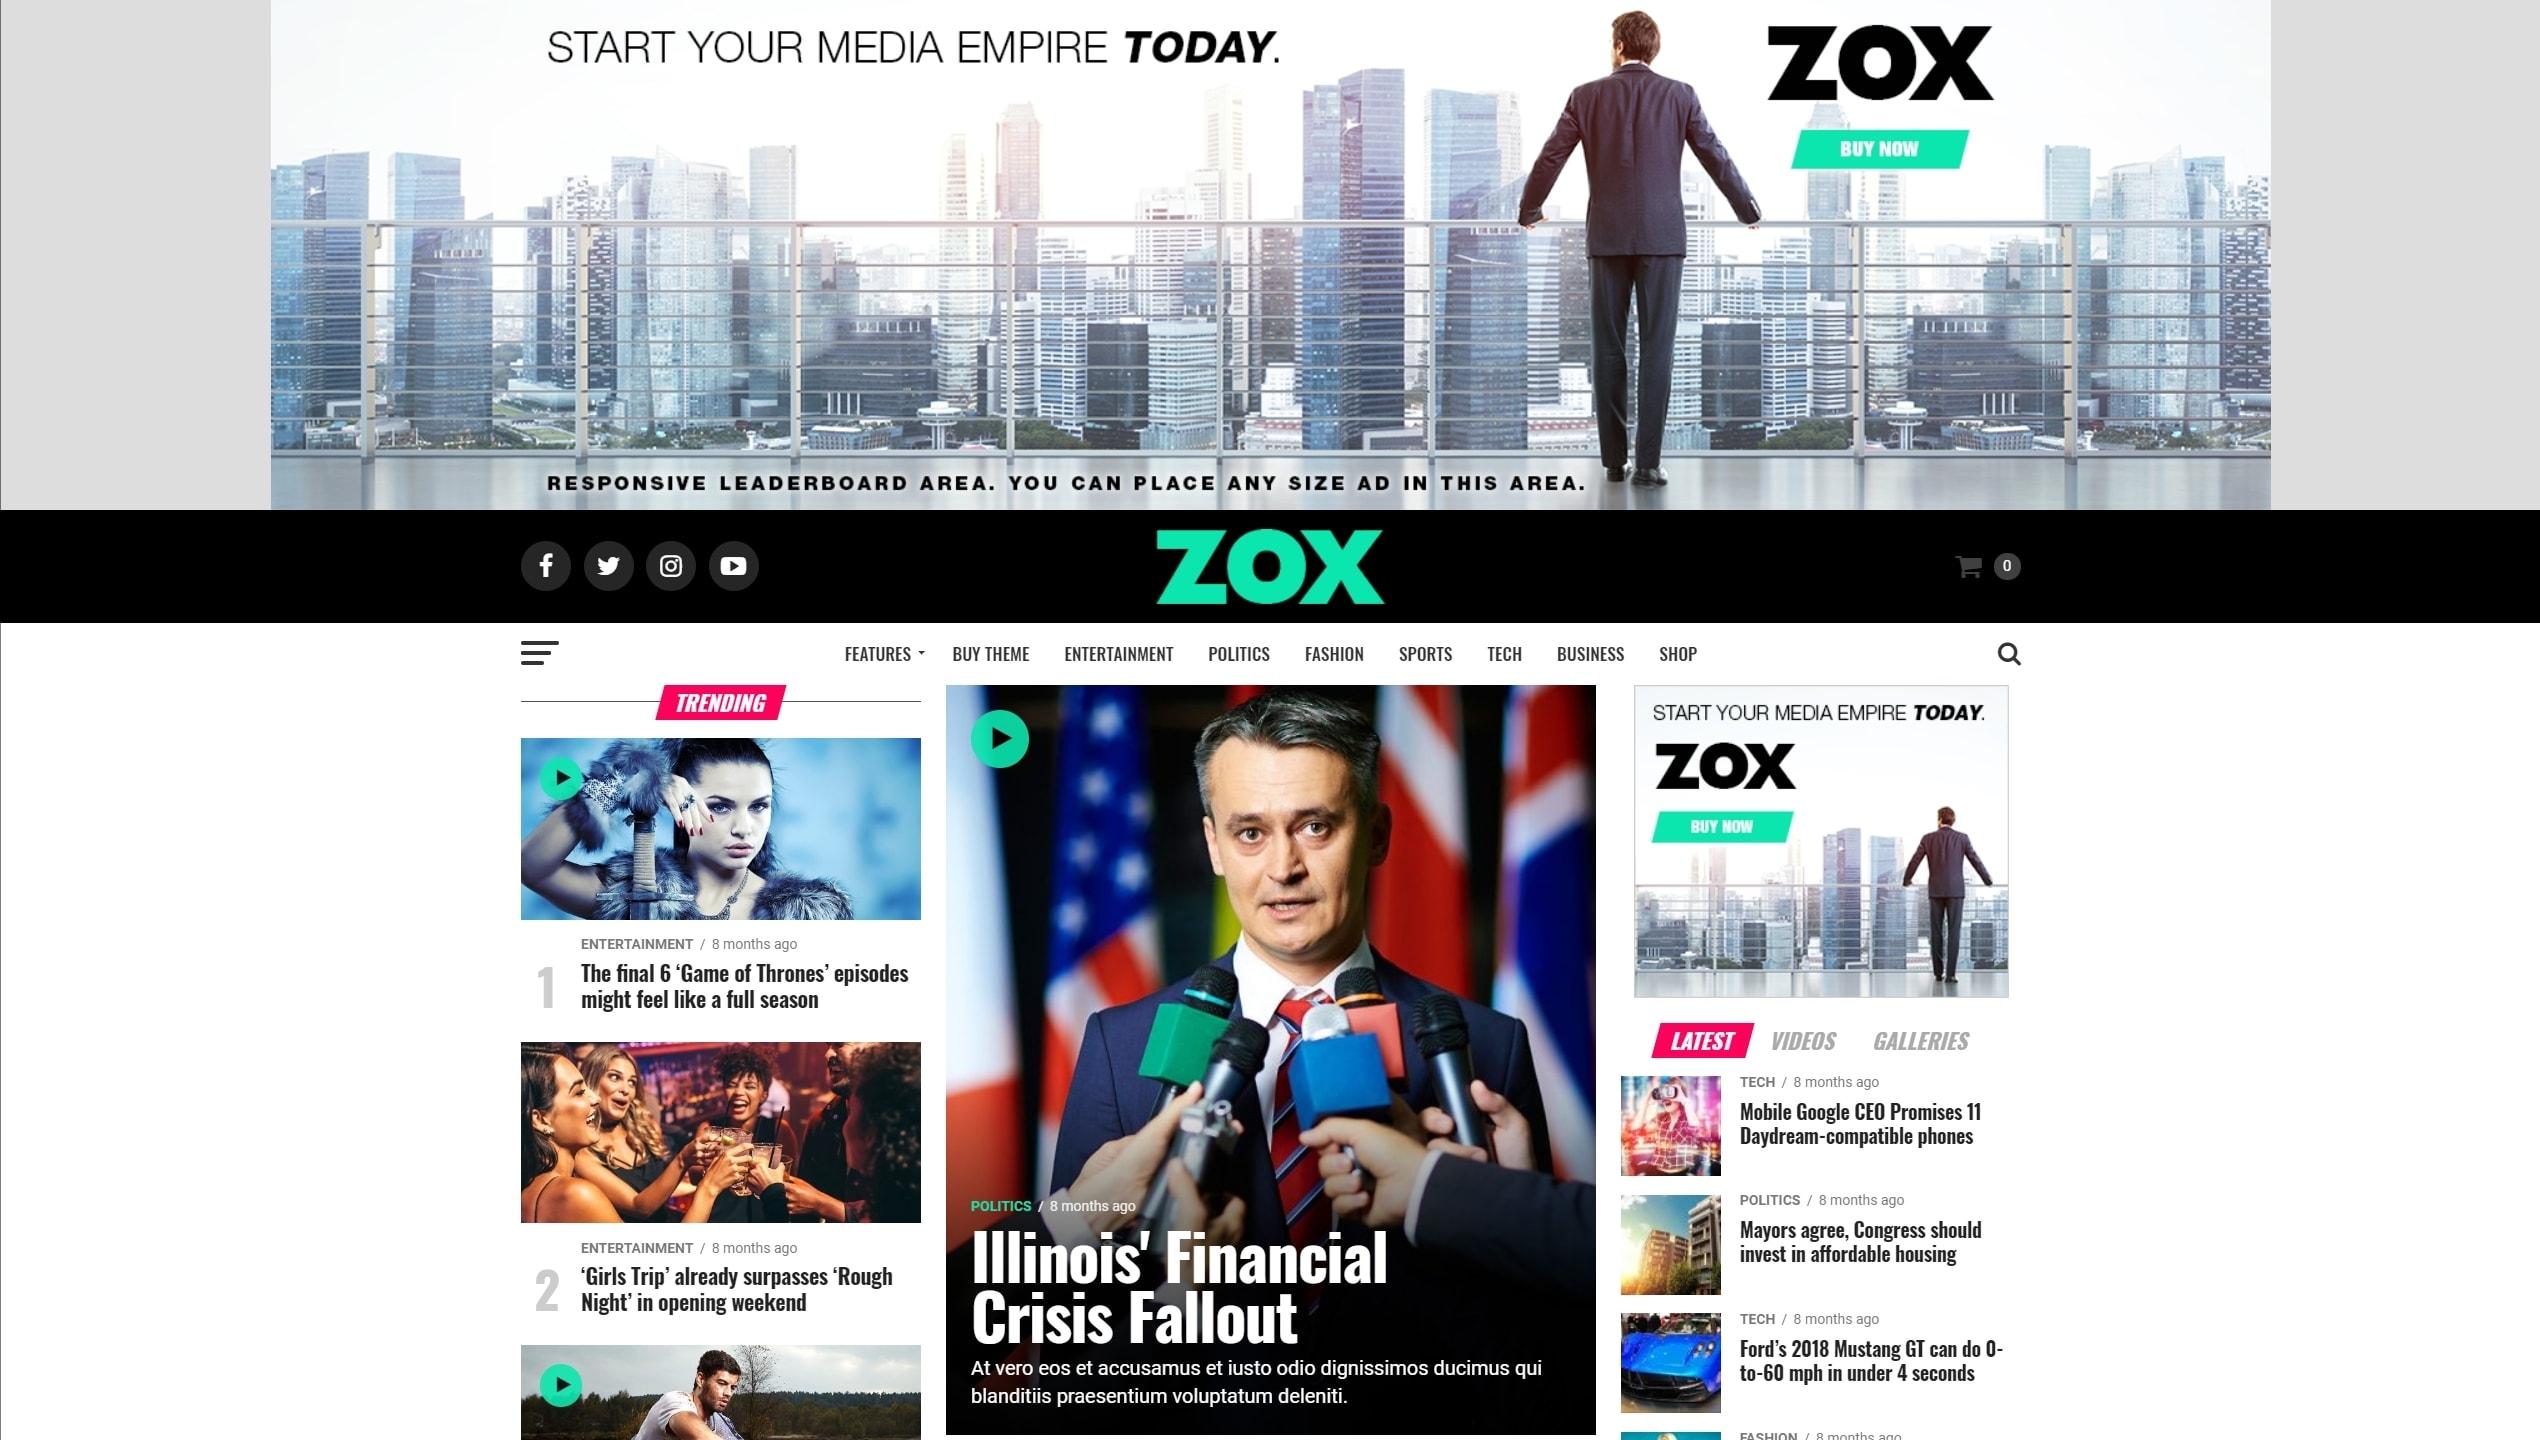 Как и где купить лучший адаптивный новостной шаблон WordPress, чтобы создать популярный новостной сайт на русском